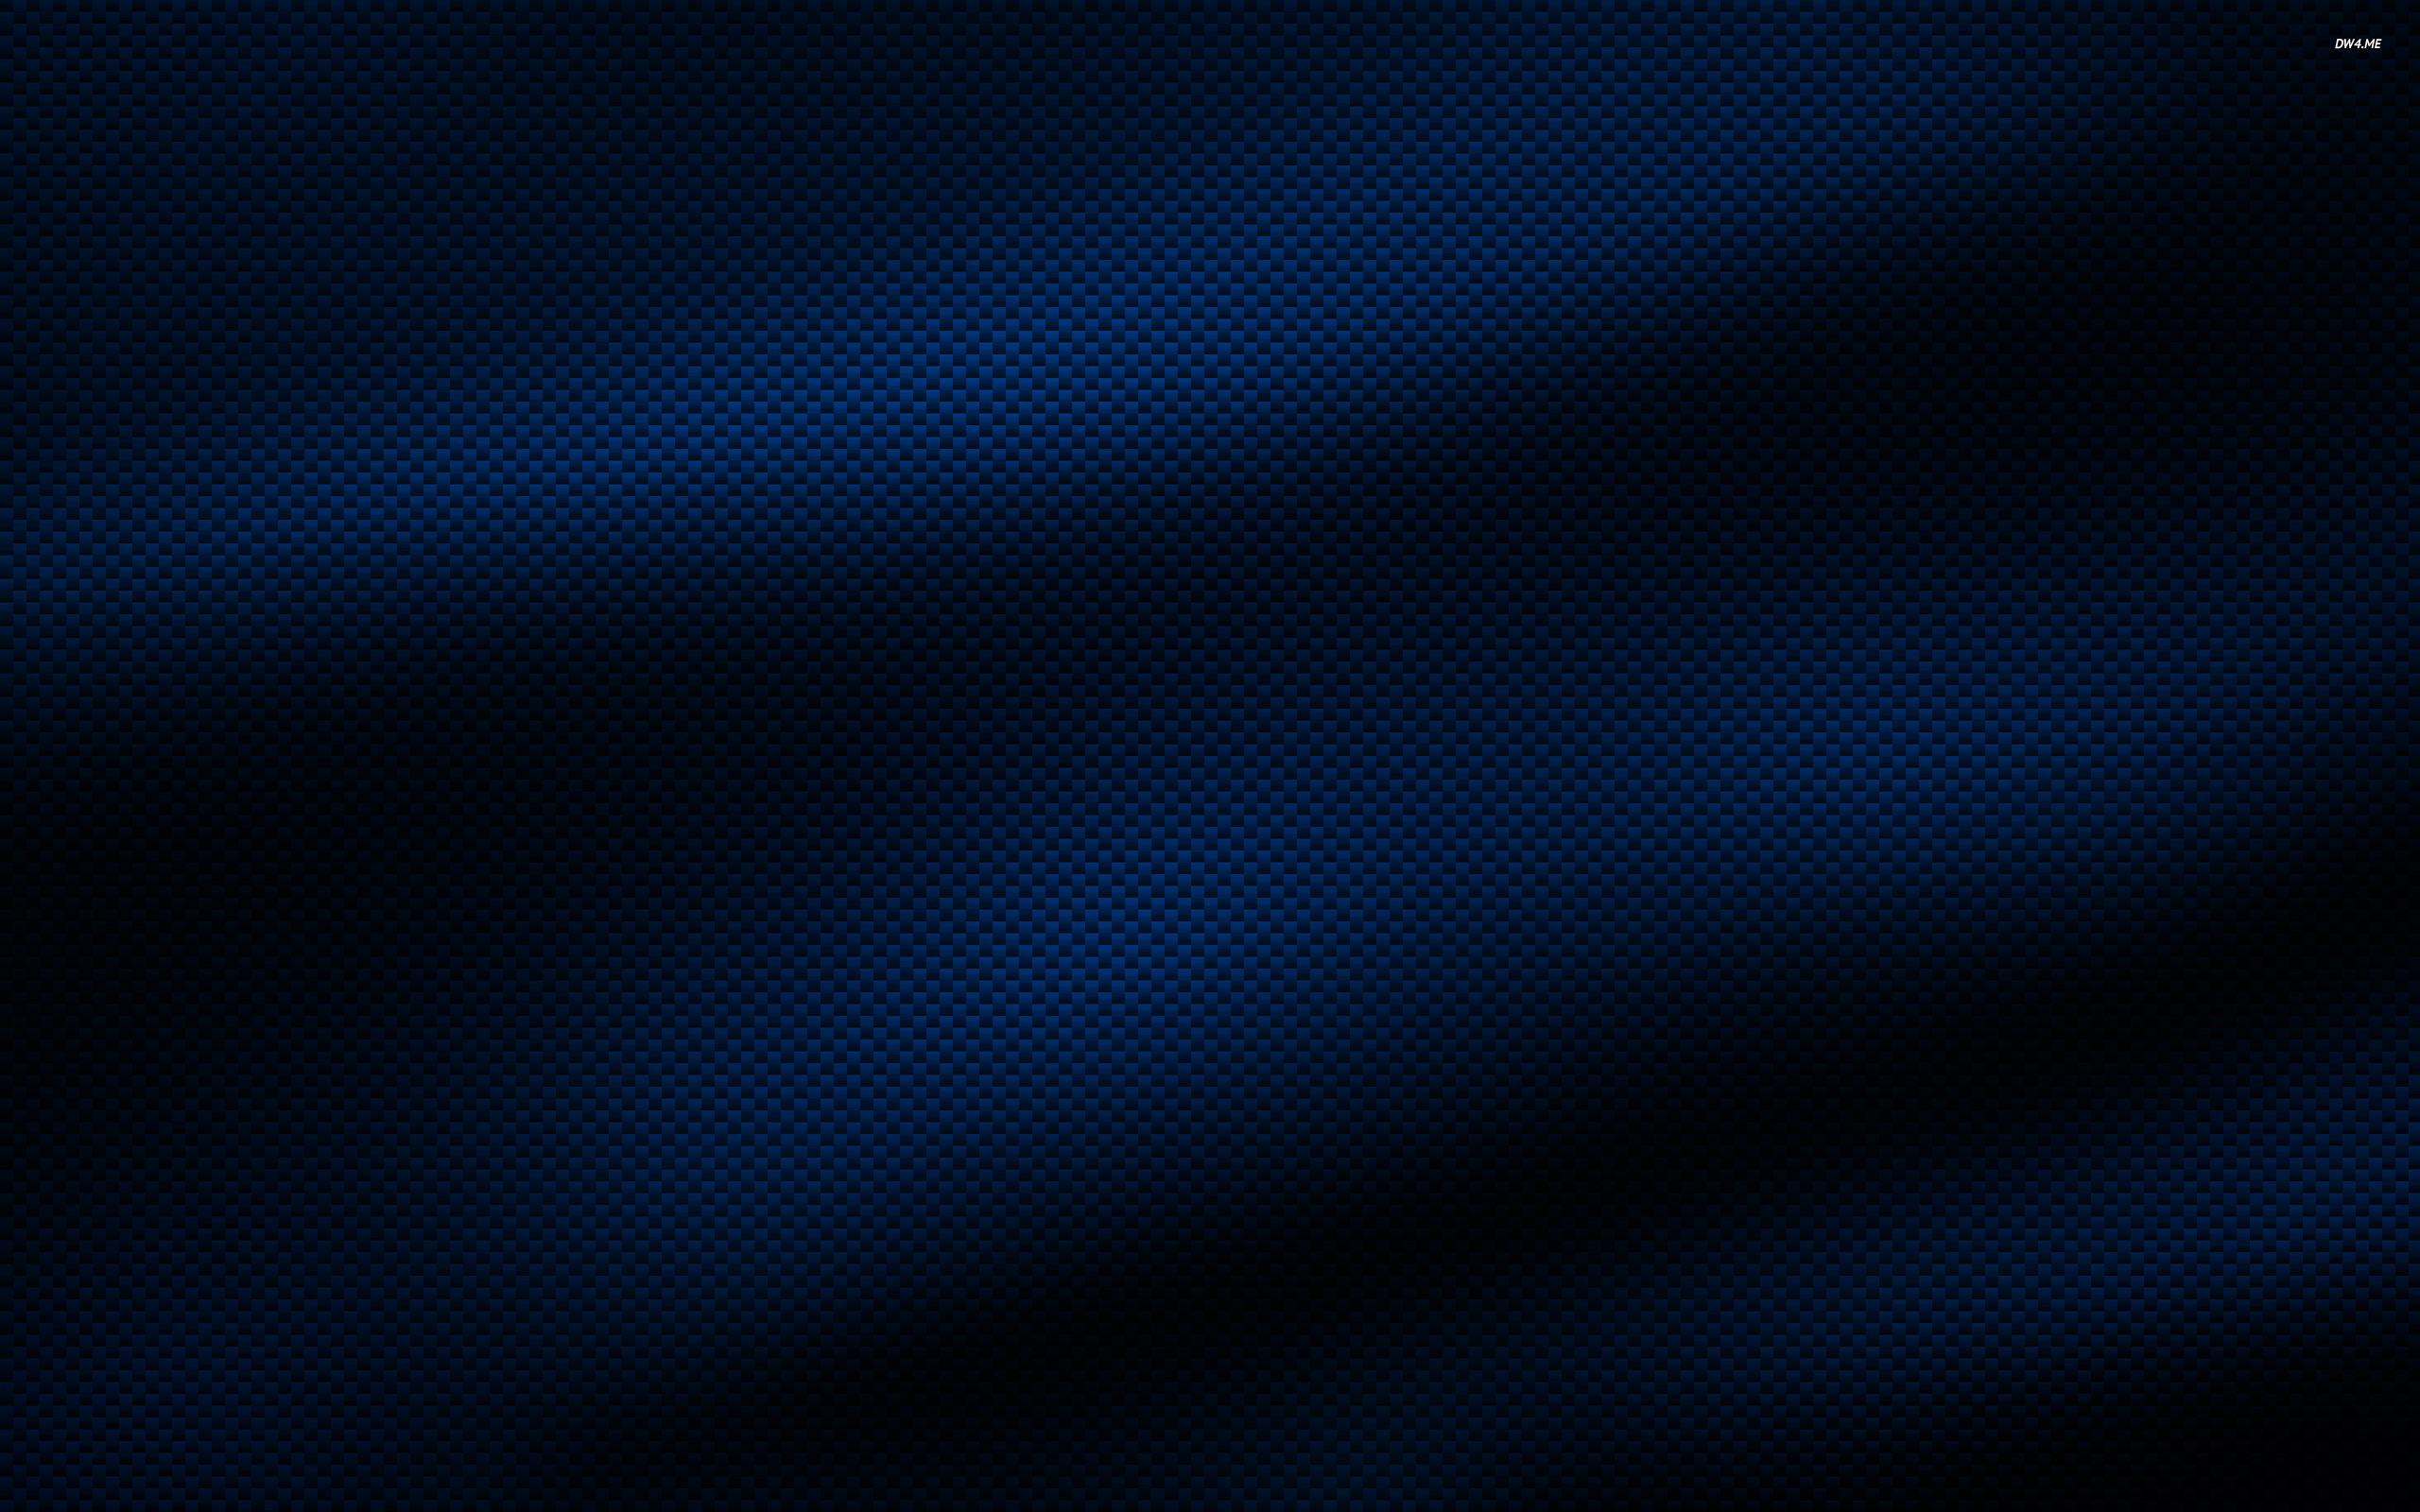 Carbon fiber fabric wallpaper 2560x1440   xqid0w 2560x1600